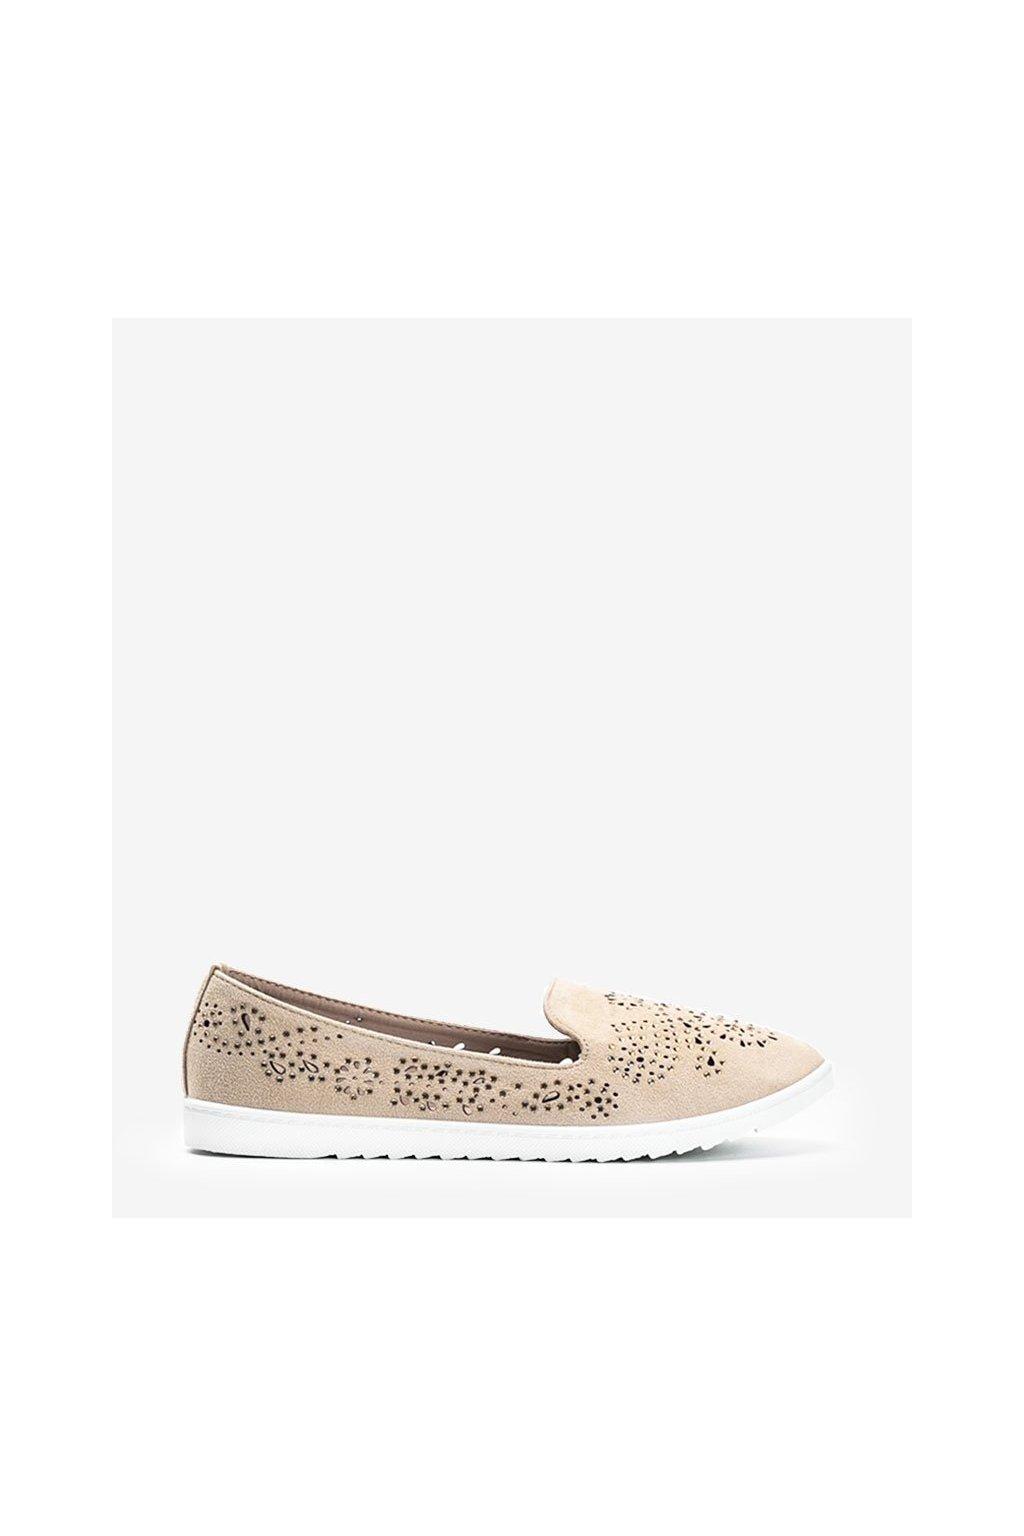 Dámske topánky mokasíny hnedé kód DY-09 - GM